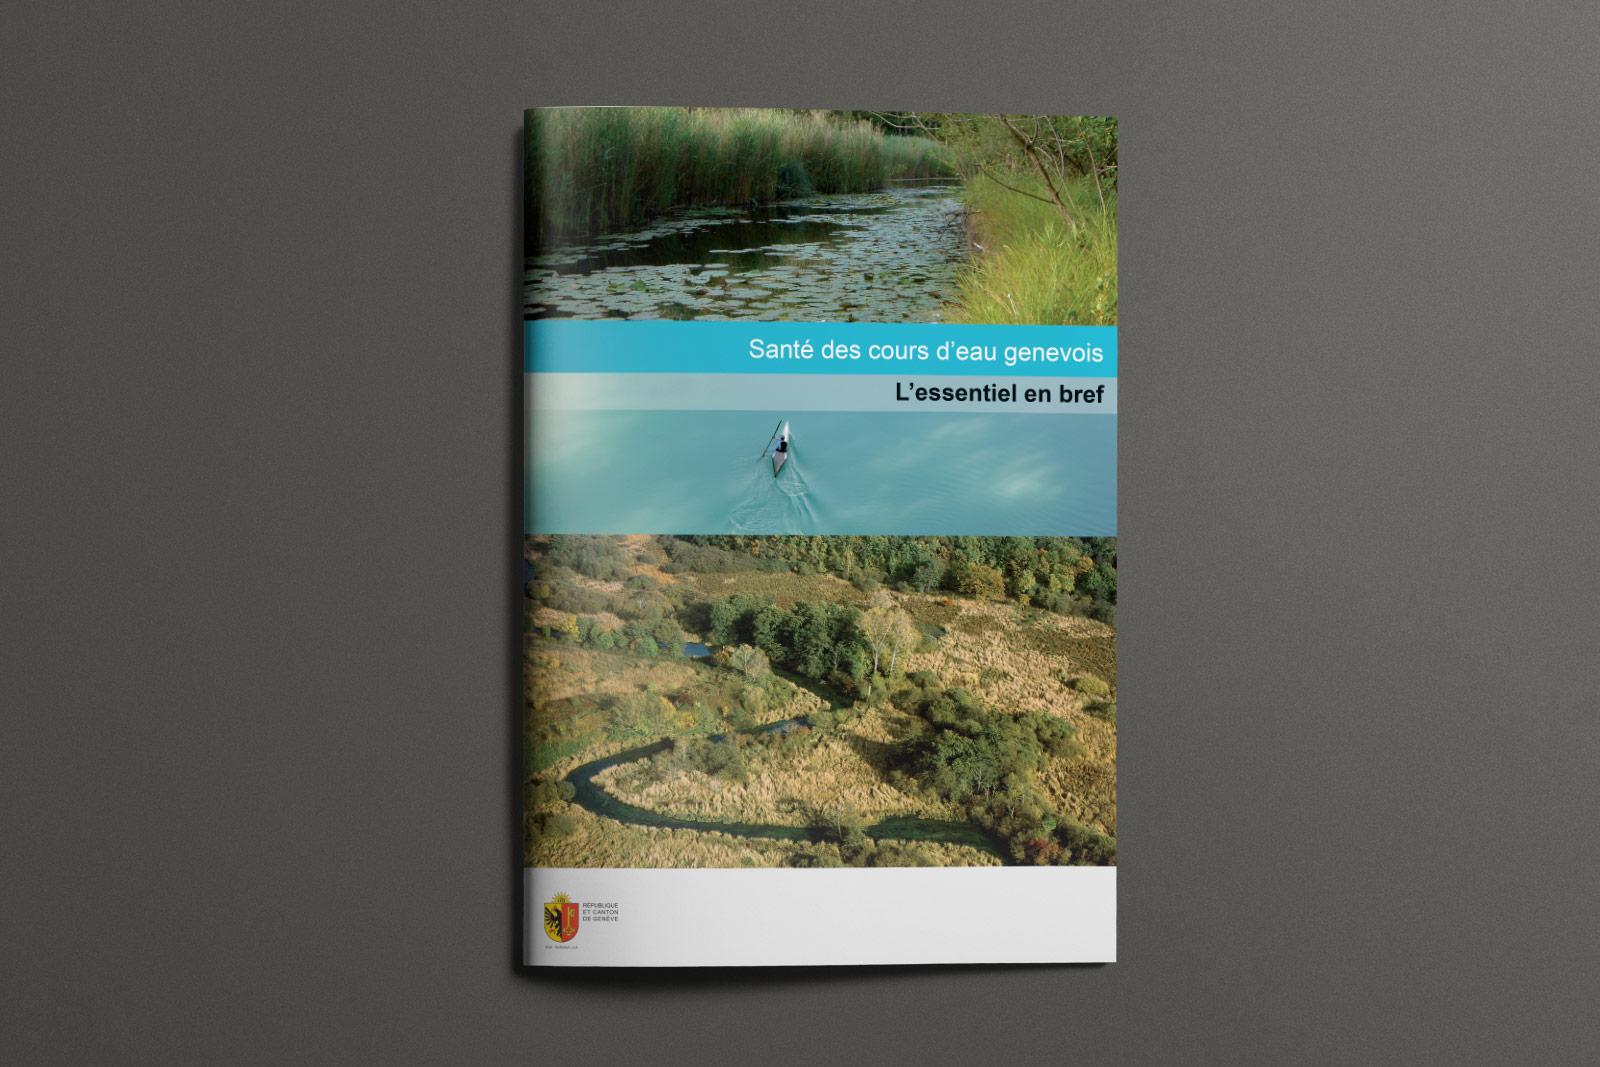 1e de couverture brochure Santé des cours d'eau Genevois - L'essentiel en bref